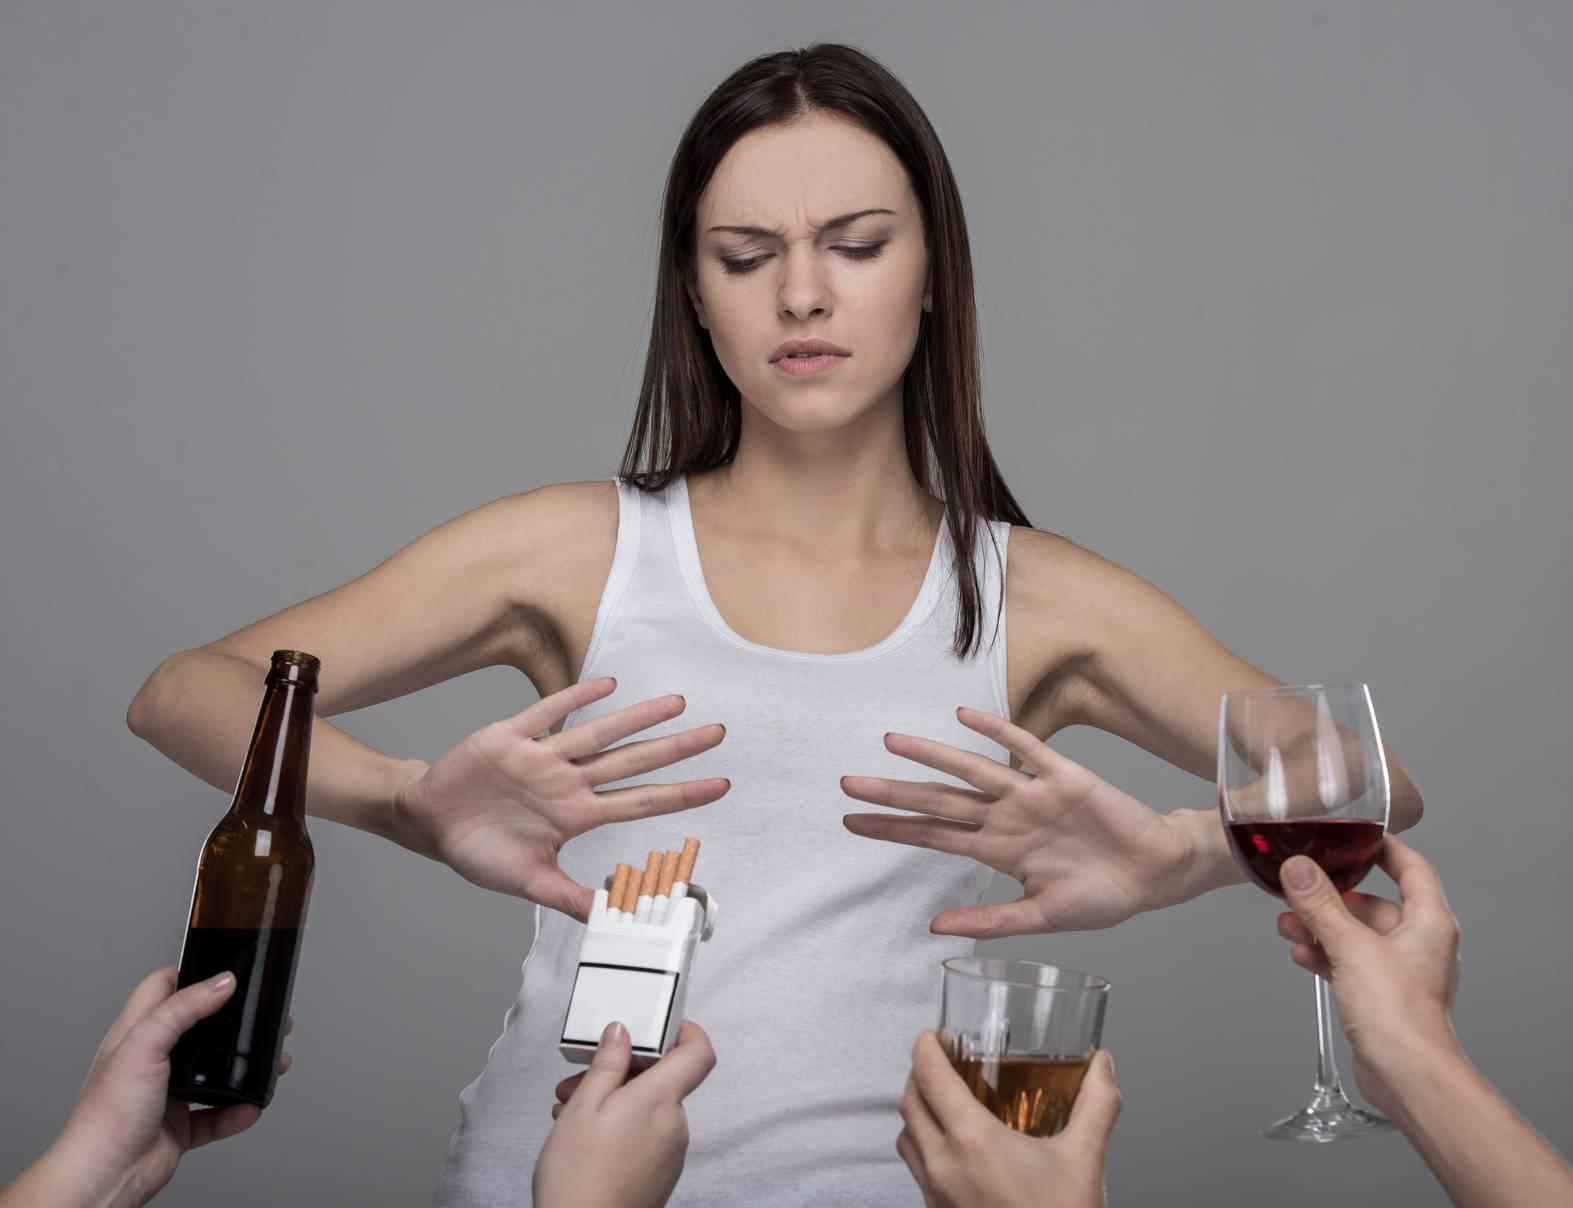 Лечение женского алкоголизма. как избавиться от алкогольной зависимости